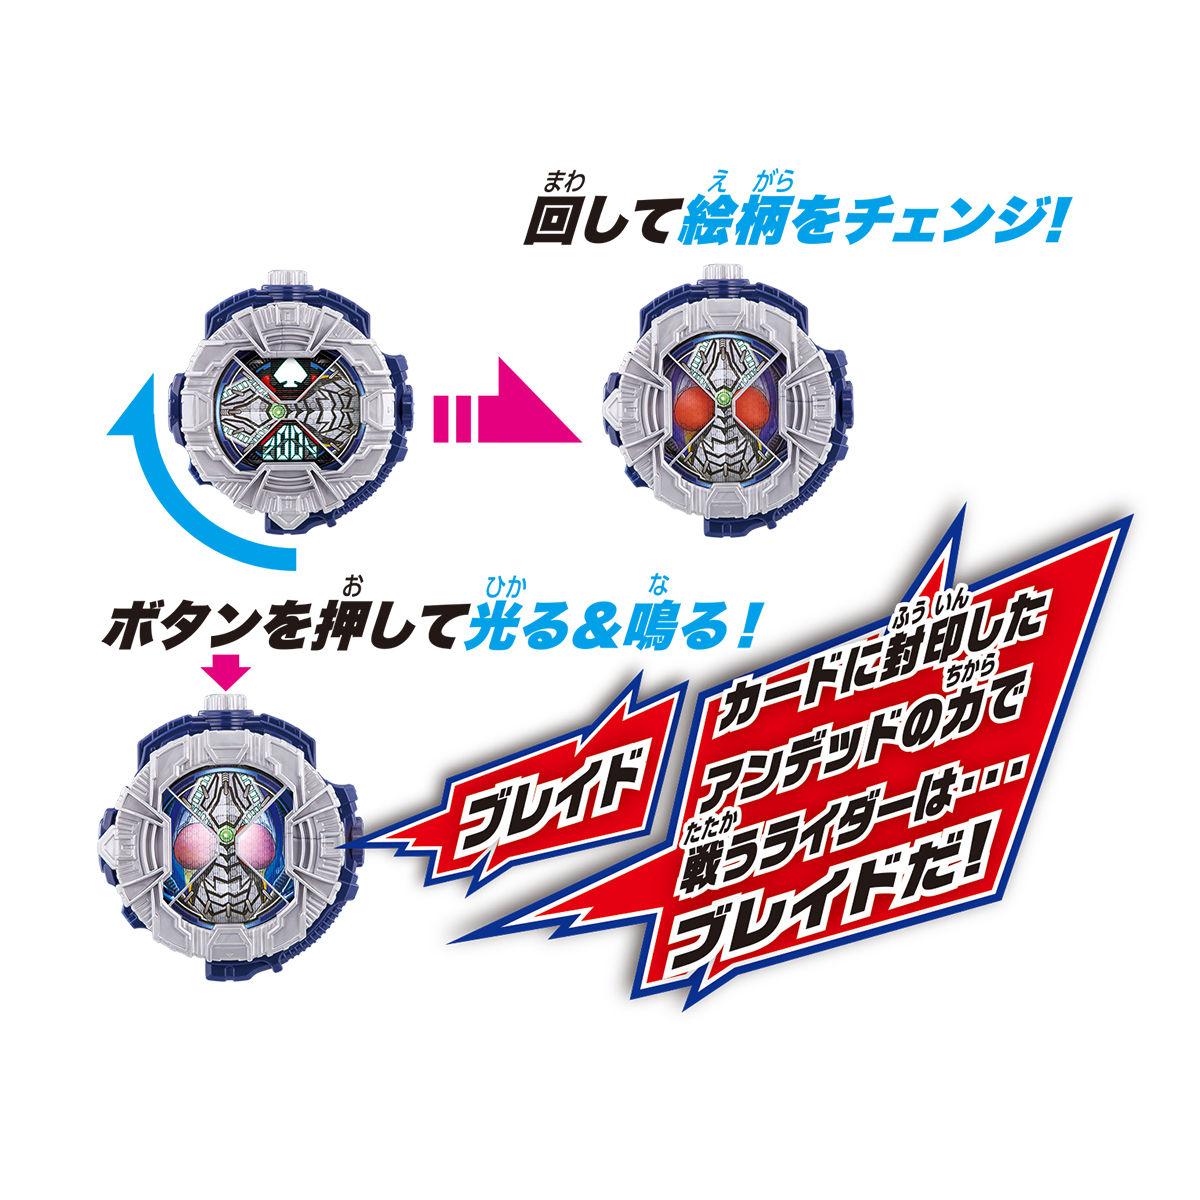 仮面ライダージオウ『DXブレイドライドウォッチ』変身なりきり-007